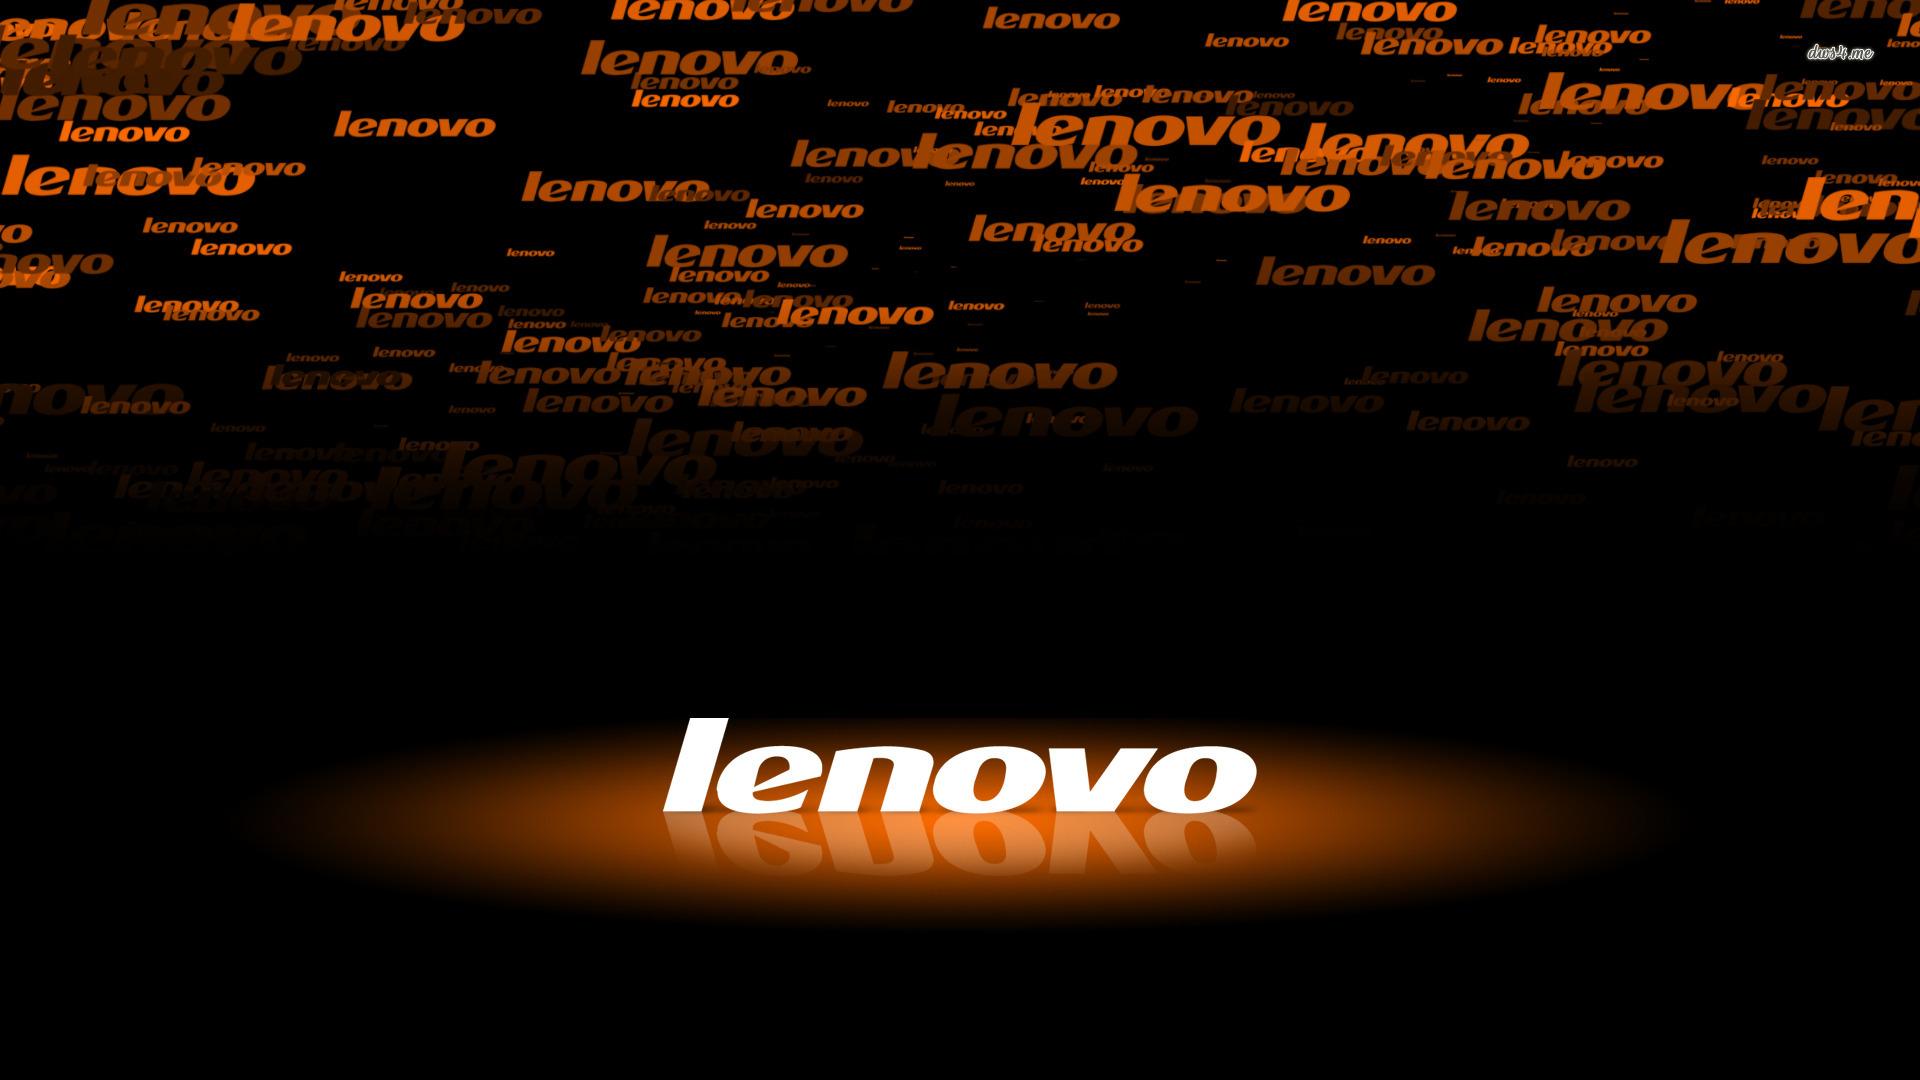 Lenovo Wallpaper Car: Lenovo Yoga 10 HD Wallpaper